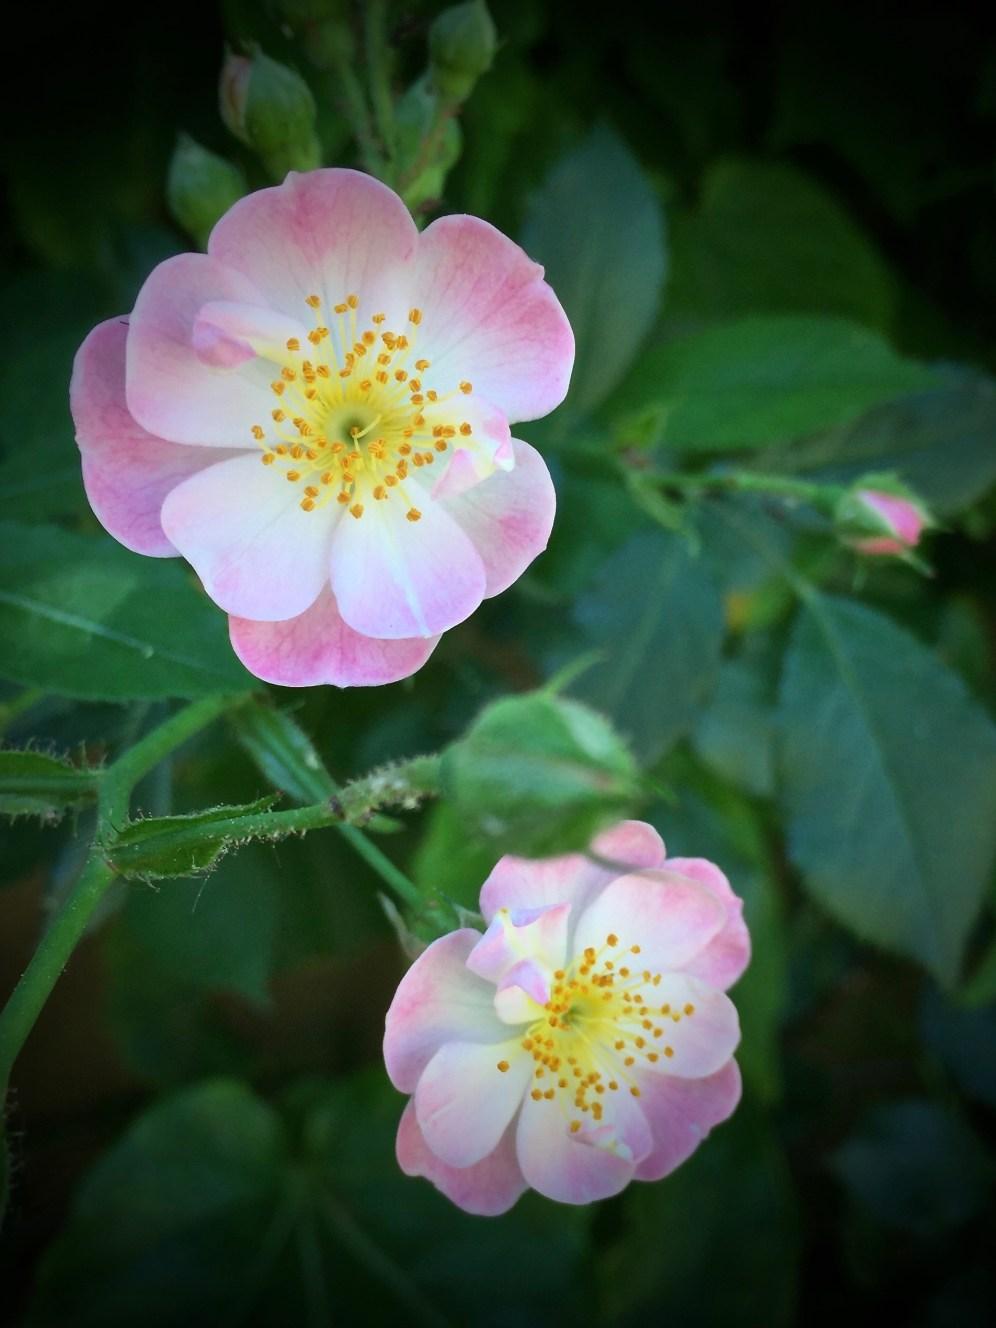 Famigliola di rose